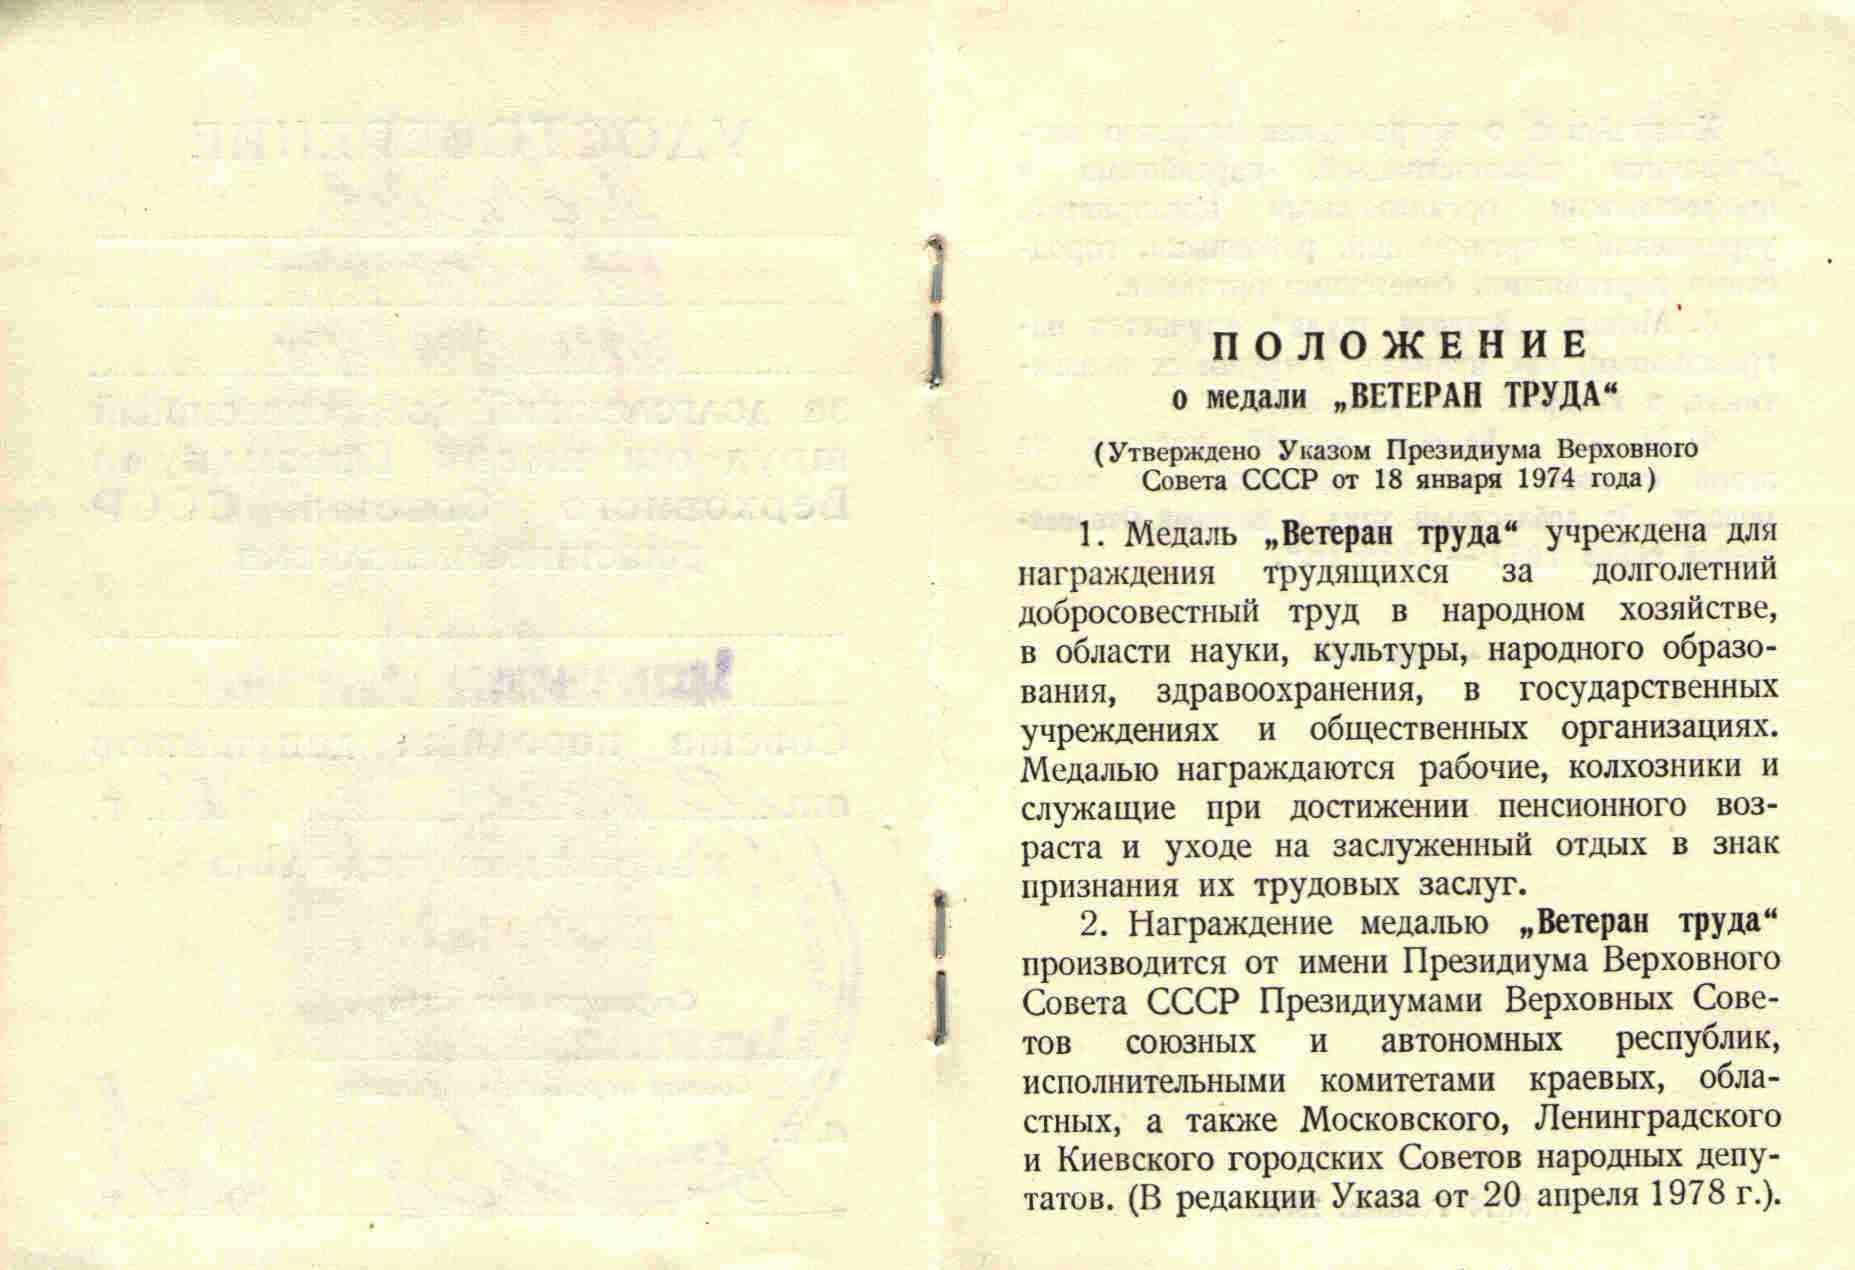 70. Удостоверение к медали Ветеран труда, 1981